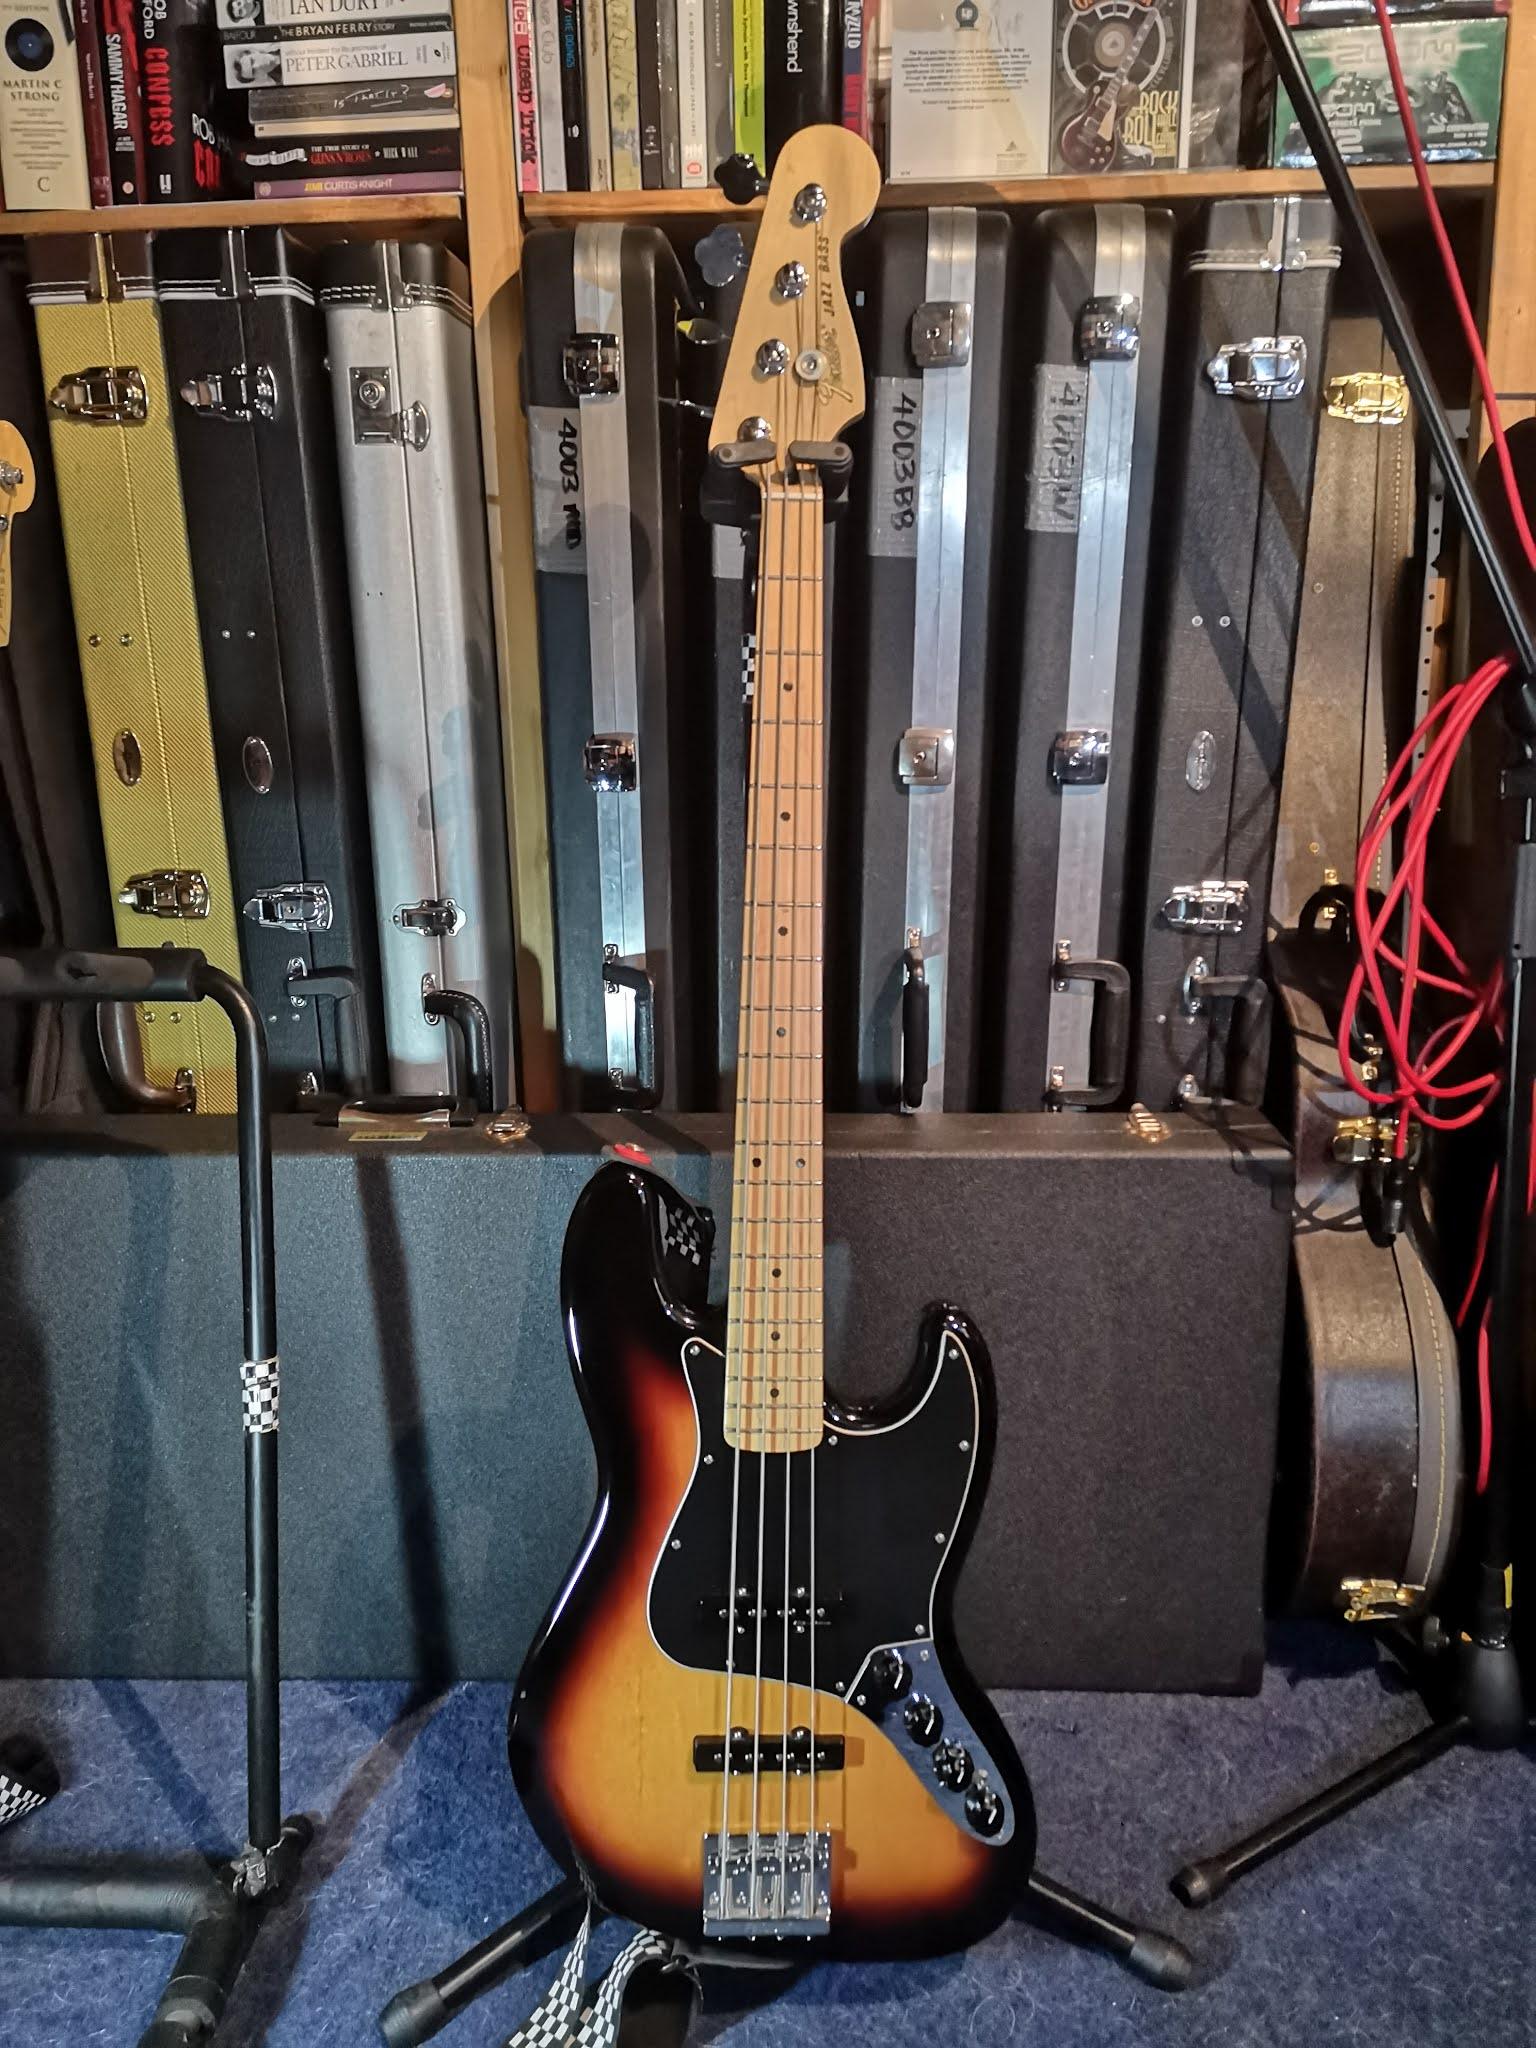 Fender+Deluxe+Jazz+Bass+in+studio.jpg